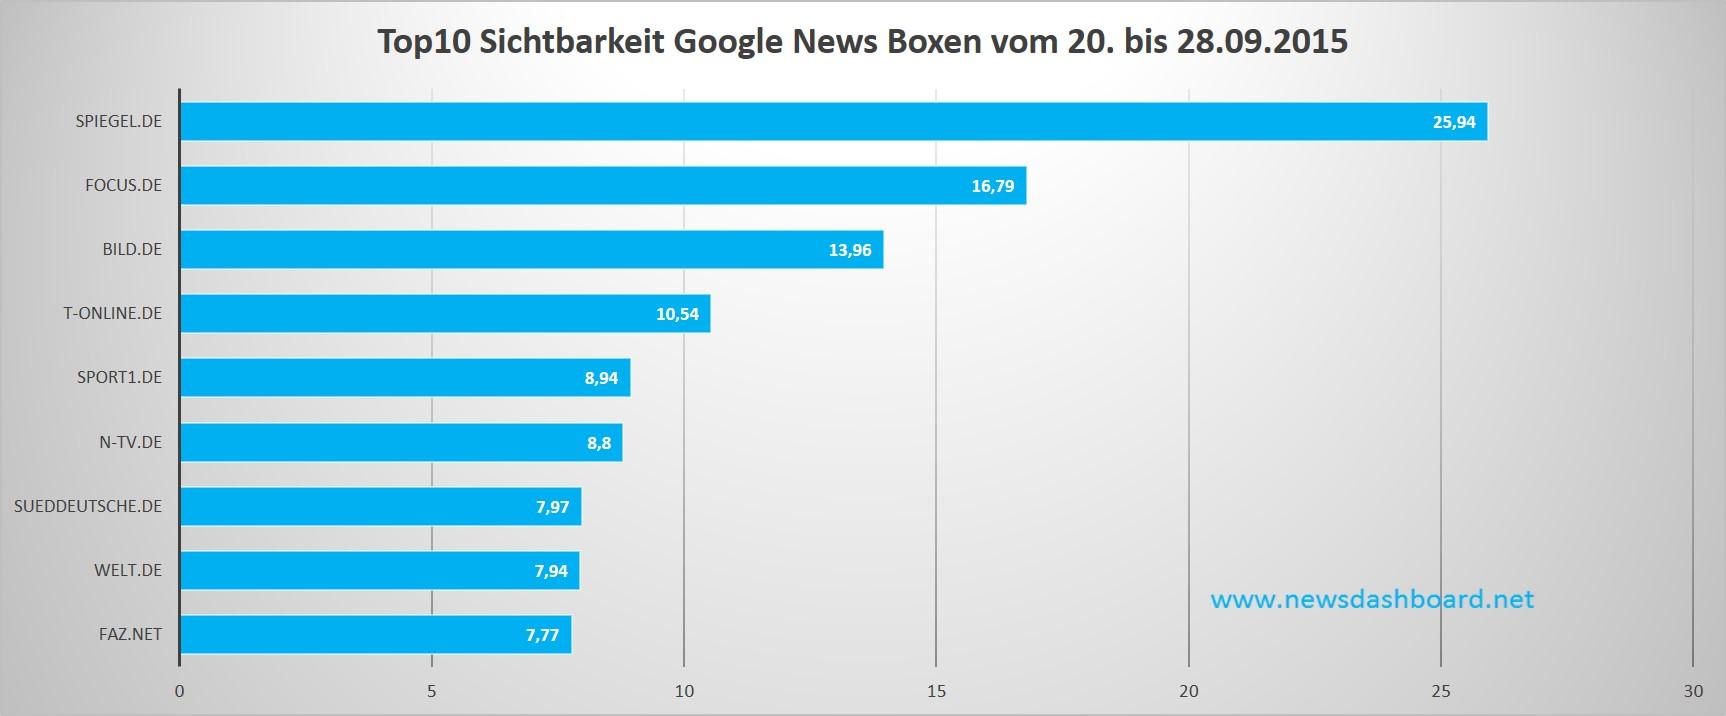 Sport1.de schafft in der englischen Woche der Fußball Bundesliga den Sprung in die Top5 der Sichtbarkeit in den Google News Boxen.